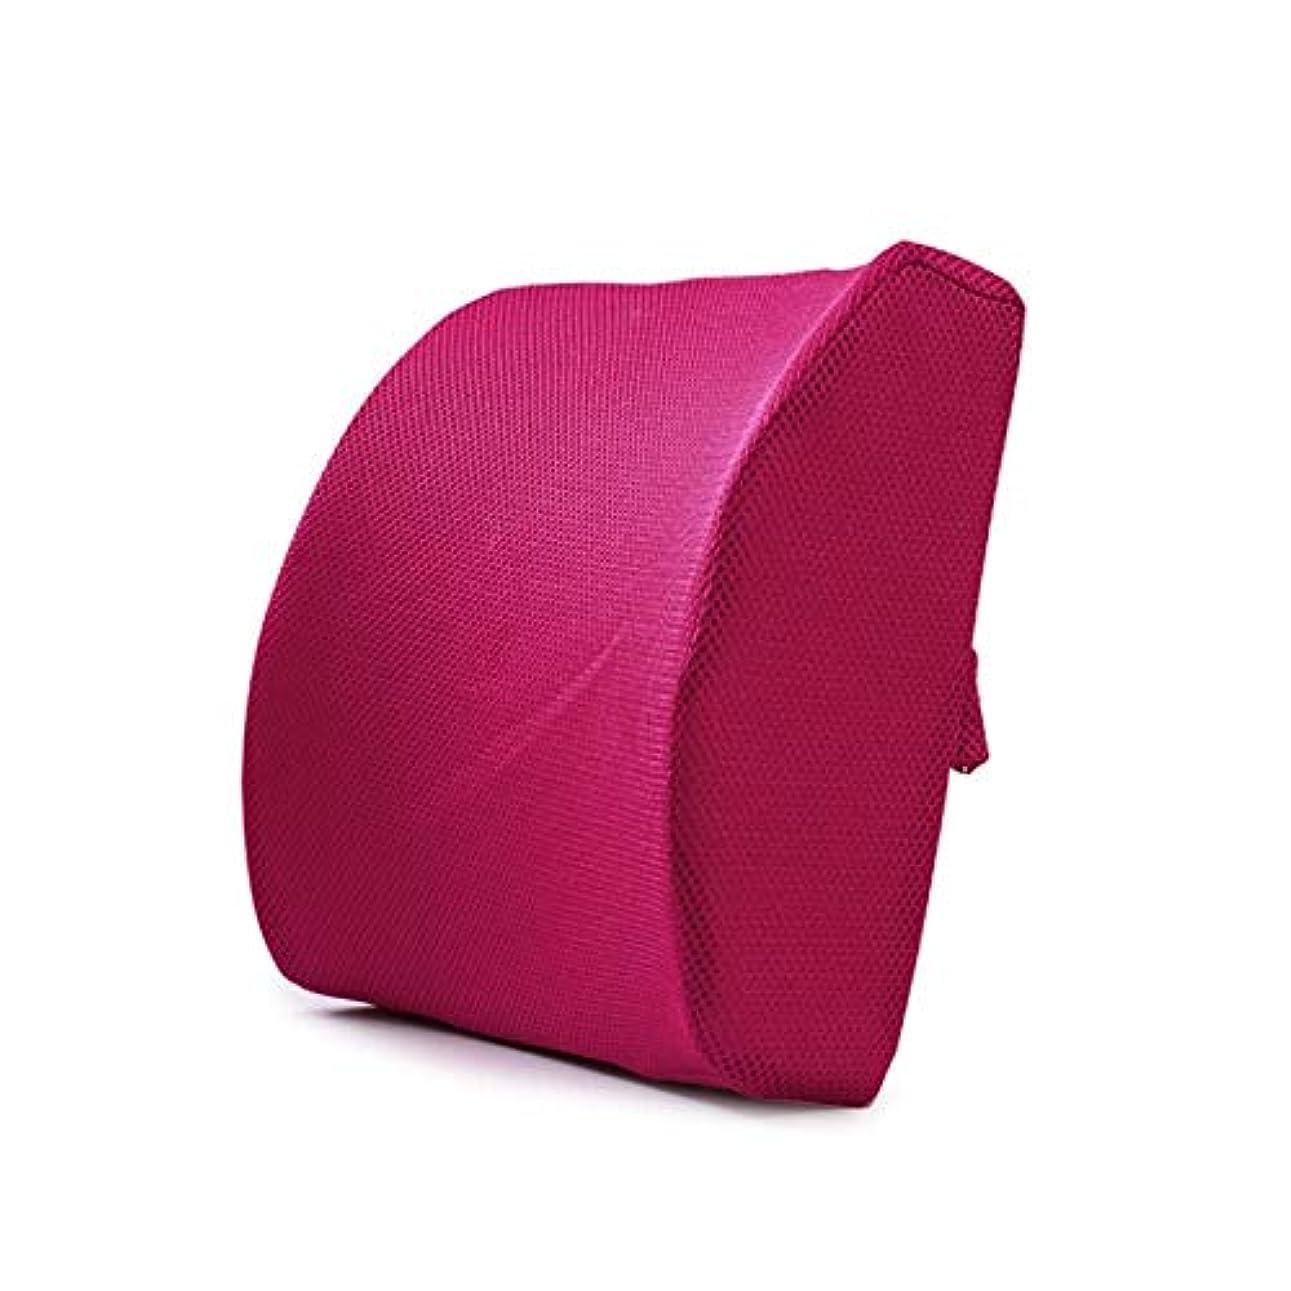 安いです熱心な前方へLIFE ホームオフィス背もたれ椅子腰椎クッションカーシートネック枕 3D 低反発サポートバックマッサージウエストレスリビング枕 クッション 椅子